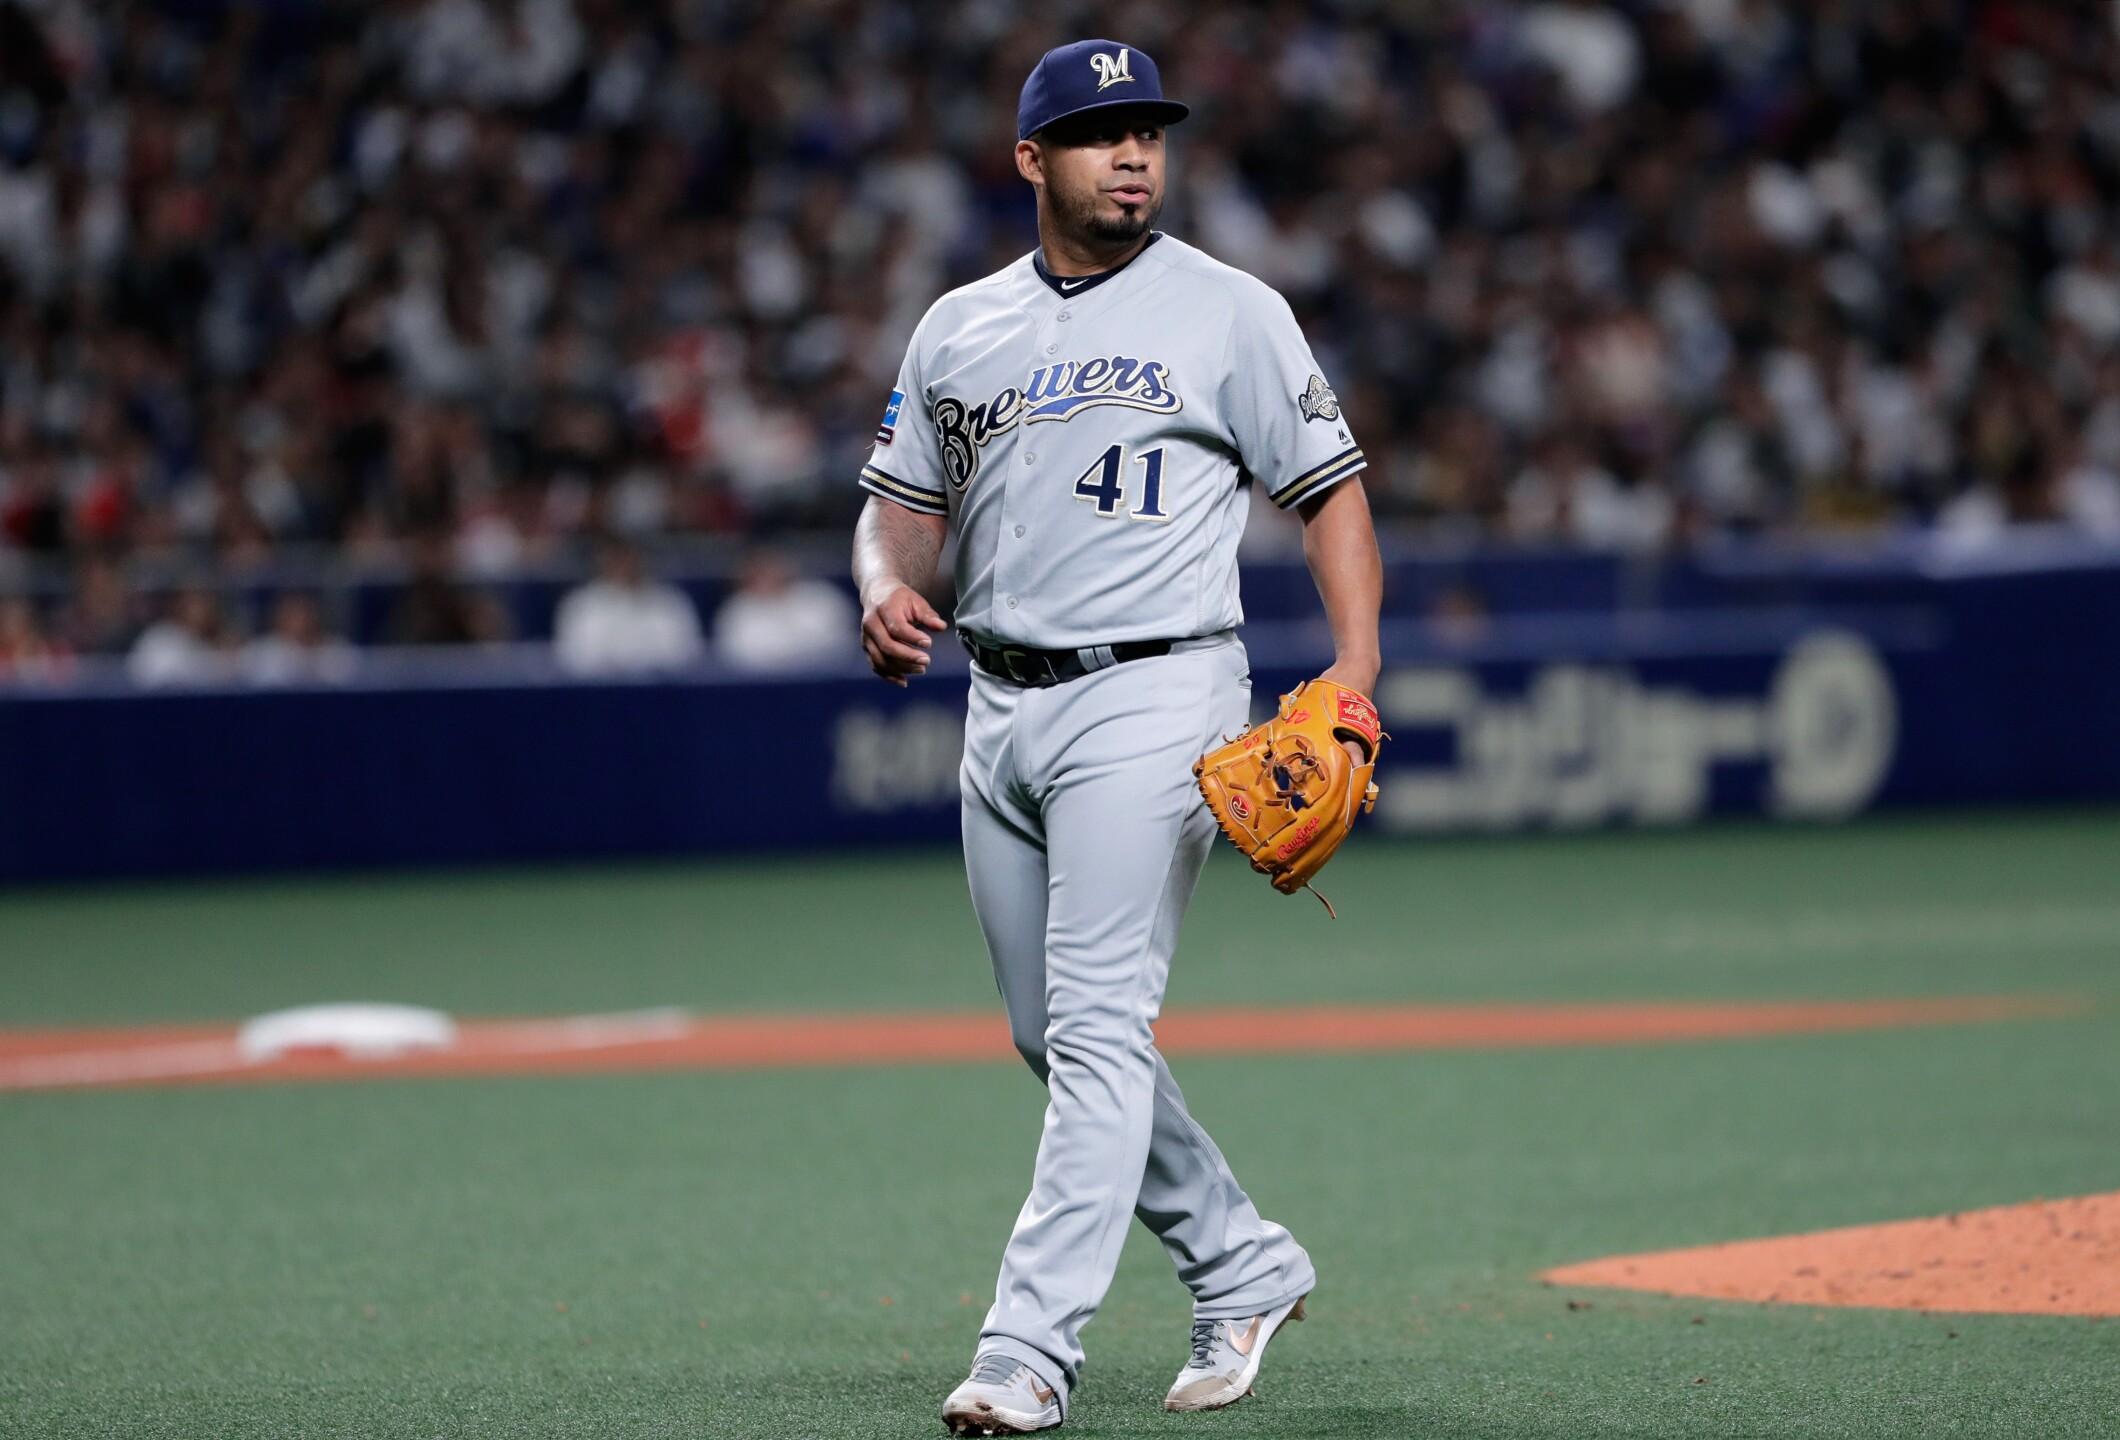 Pitcher Junior Guerra